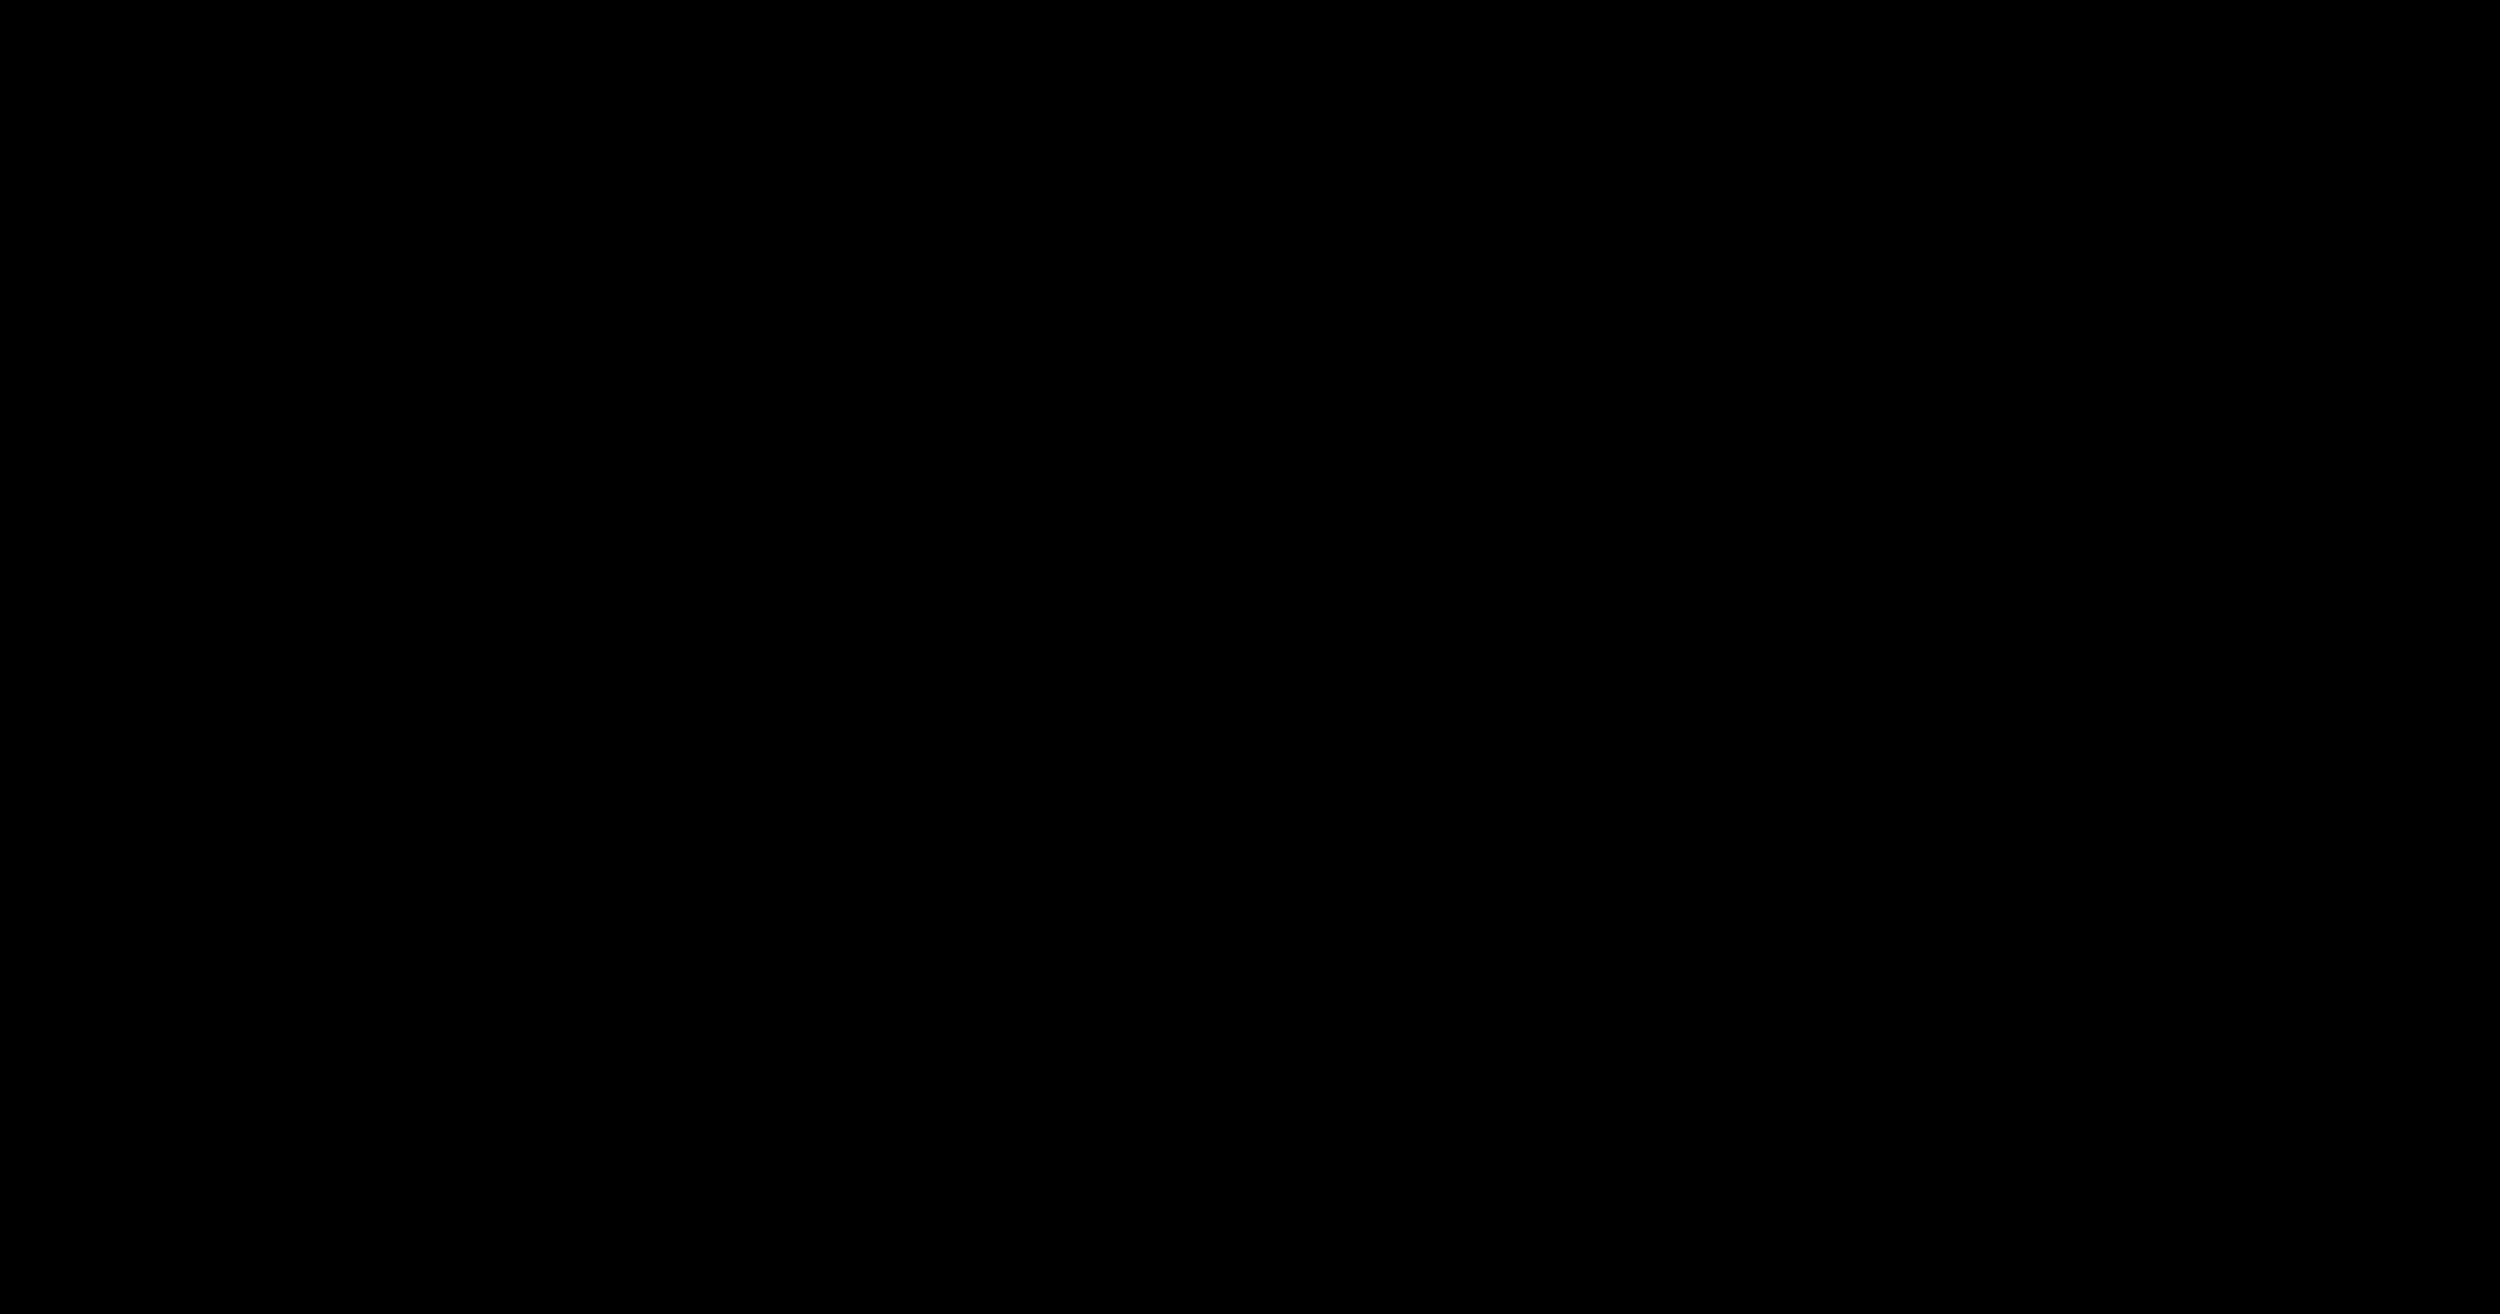 08_OAC_Logo_Illustration-11.png